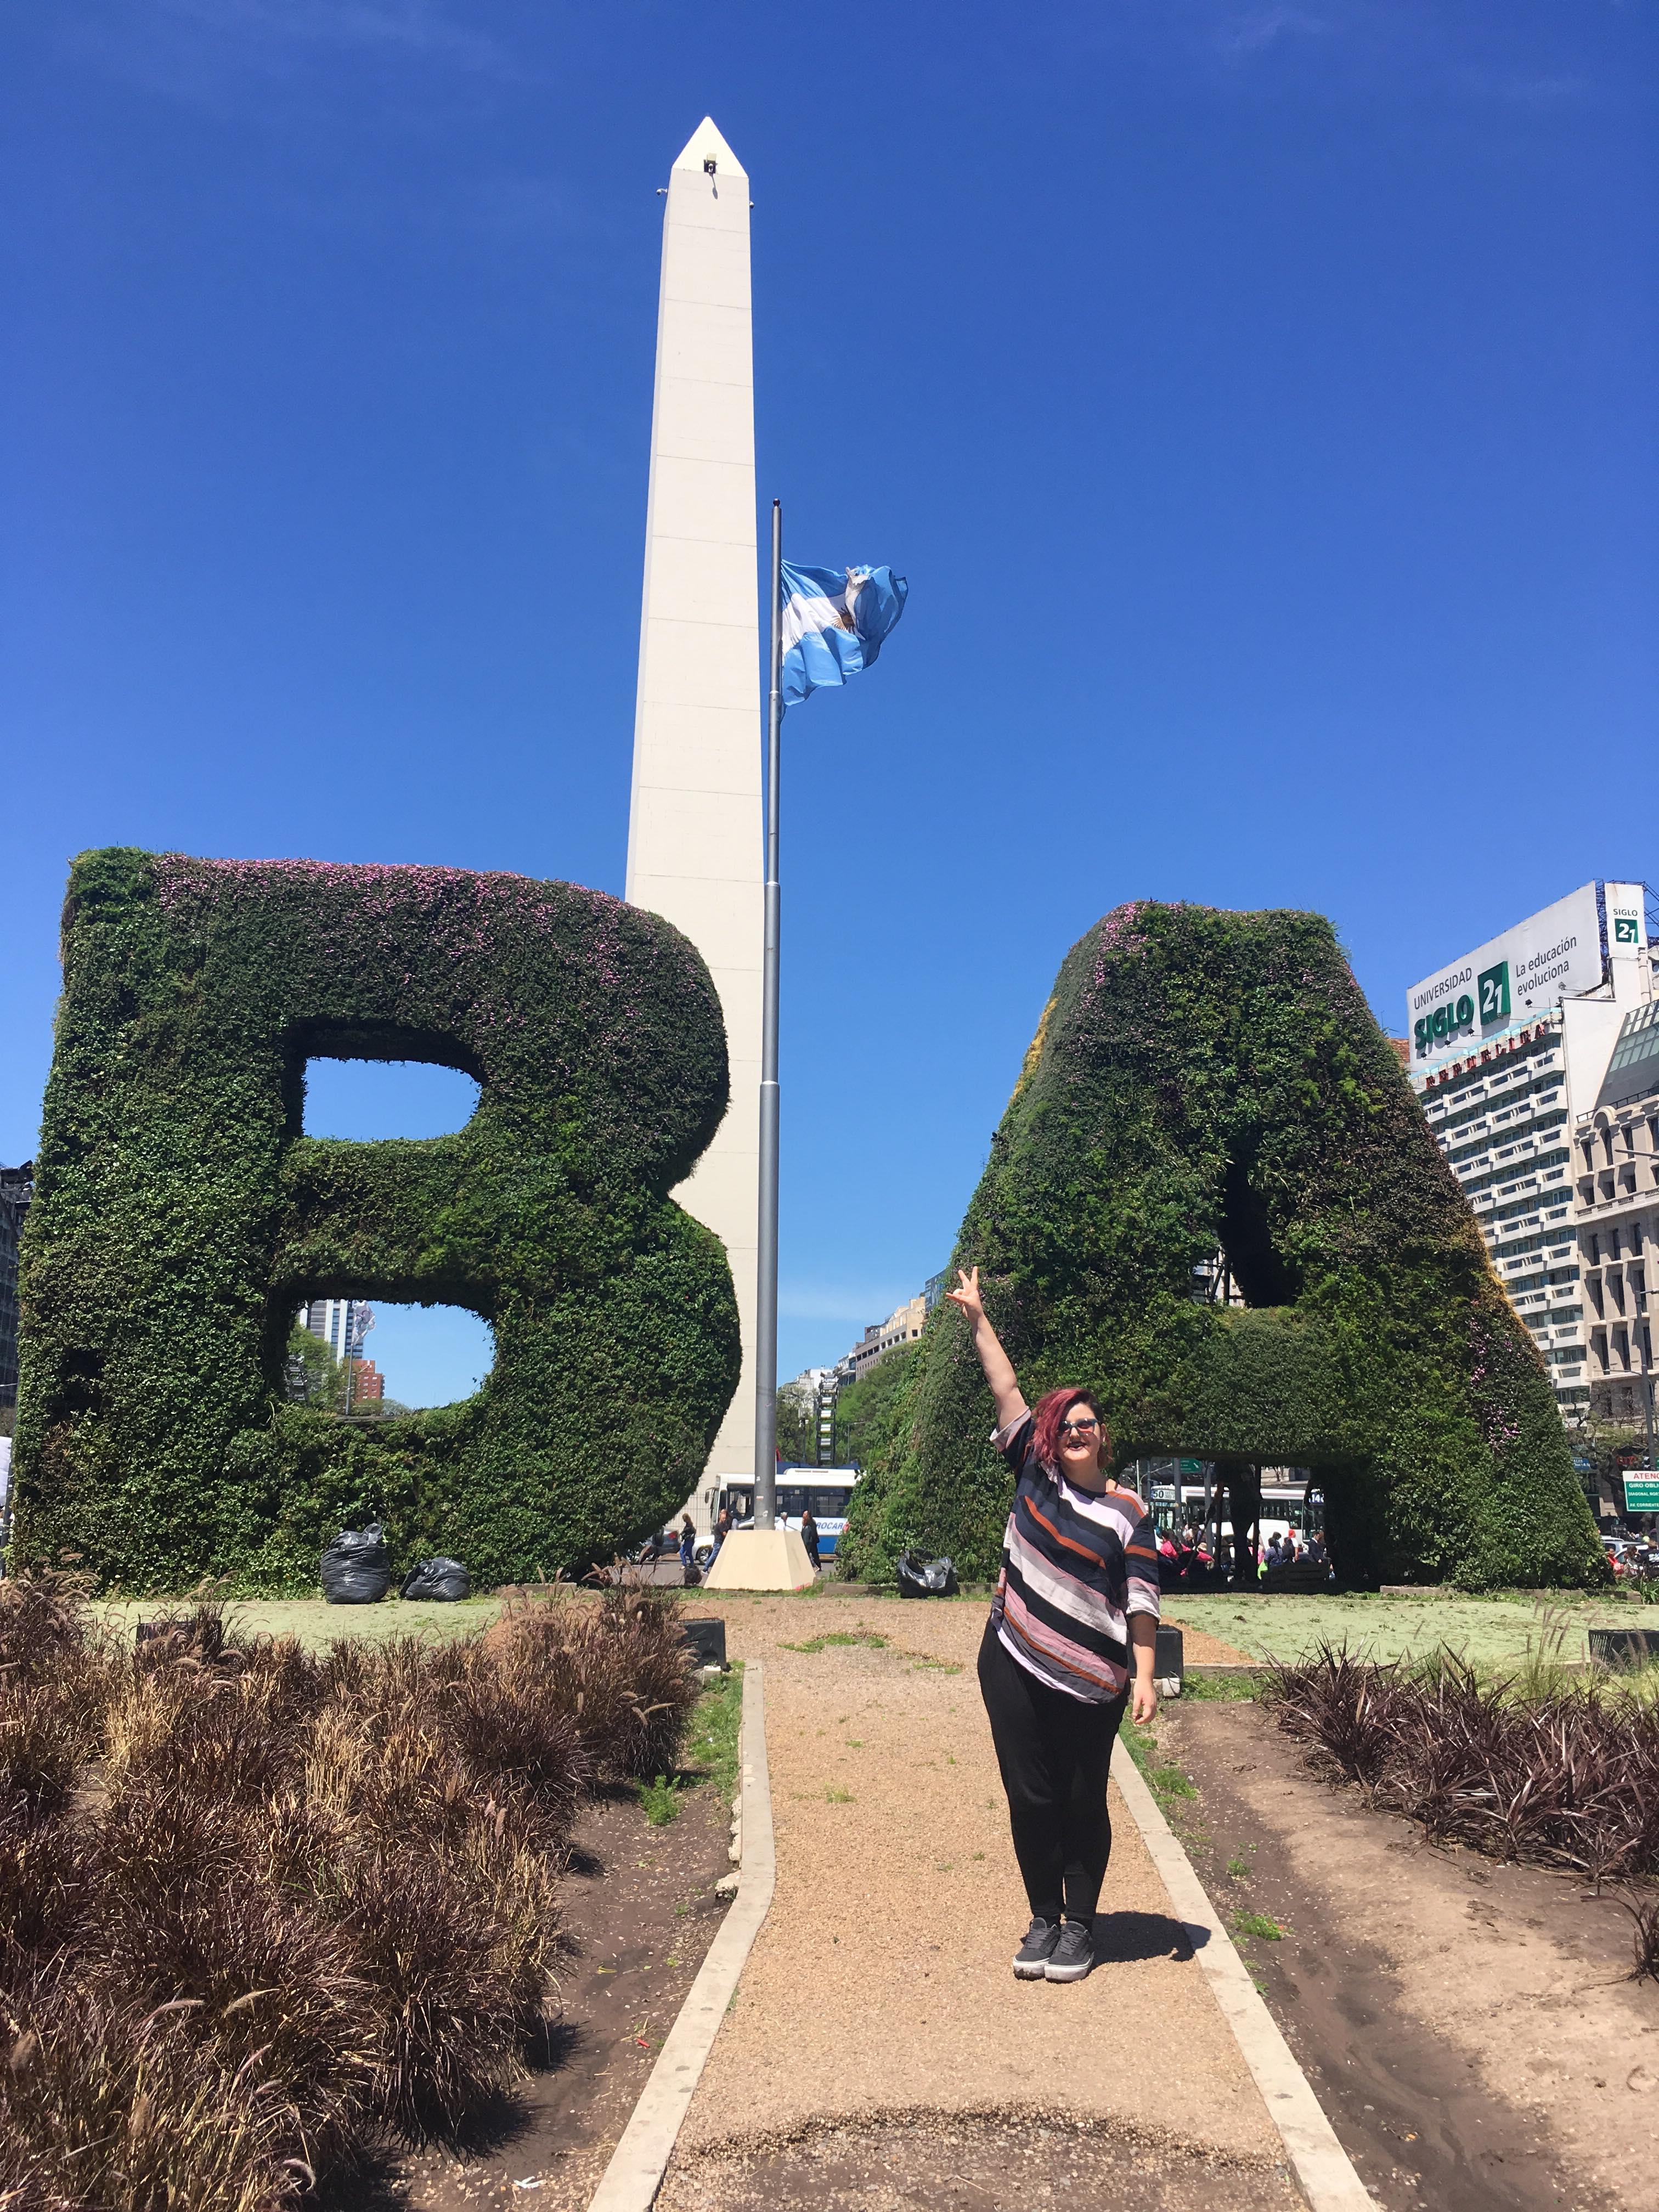 besplatno mjesto za upoznavanja u Urugvaju izlazak, ali ne zaljubljivanje